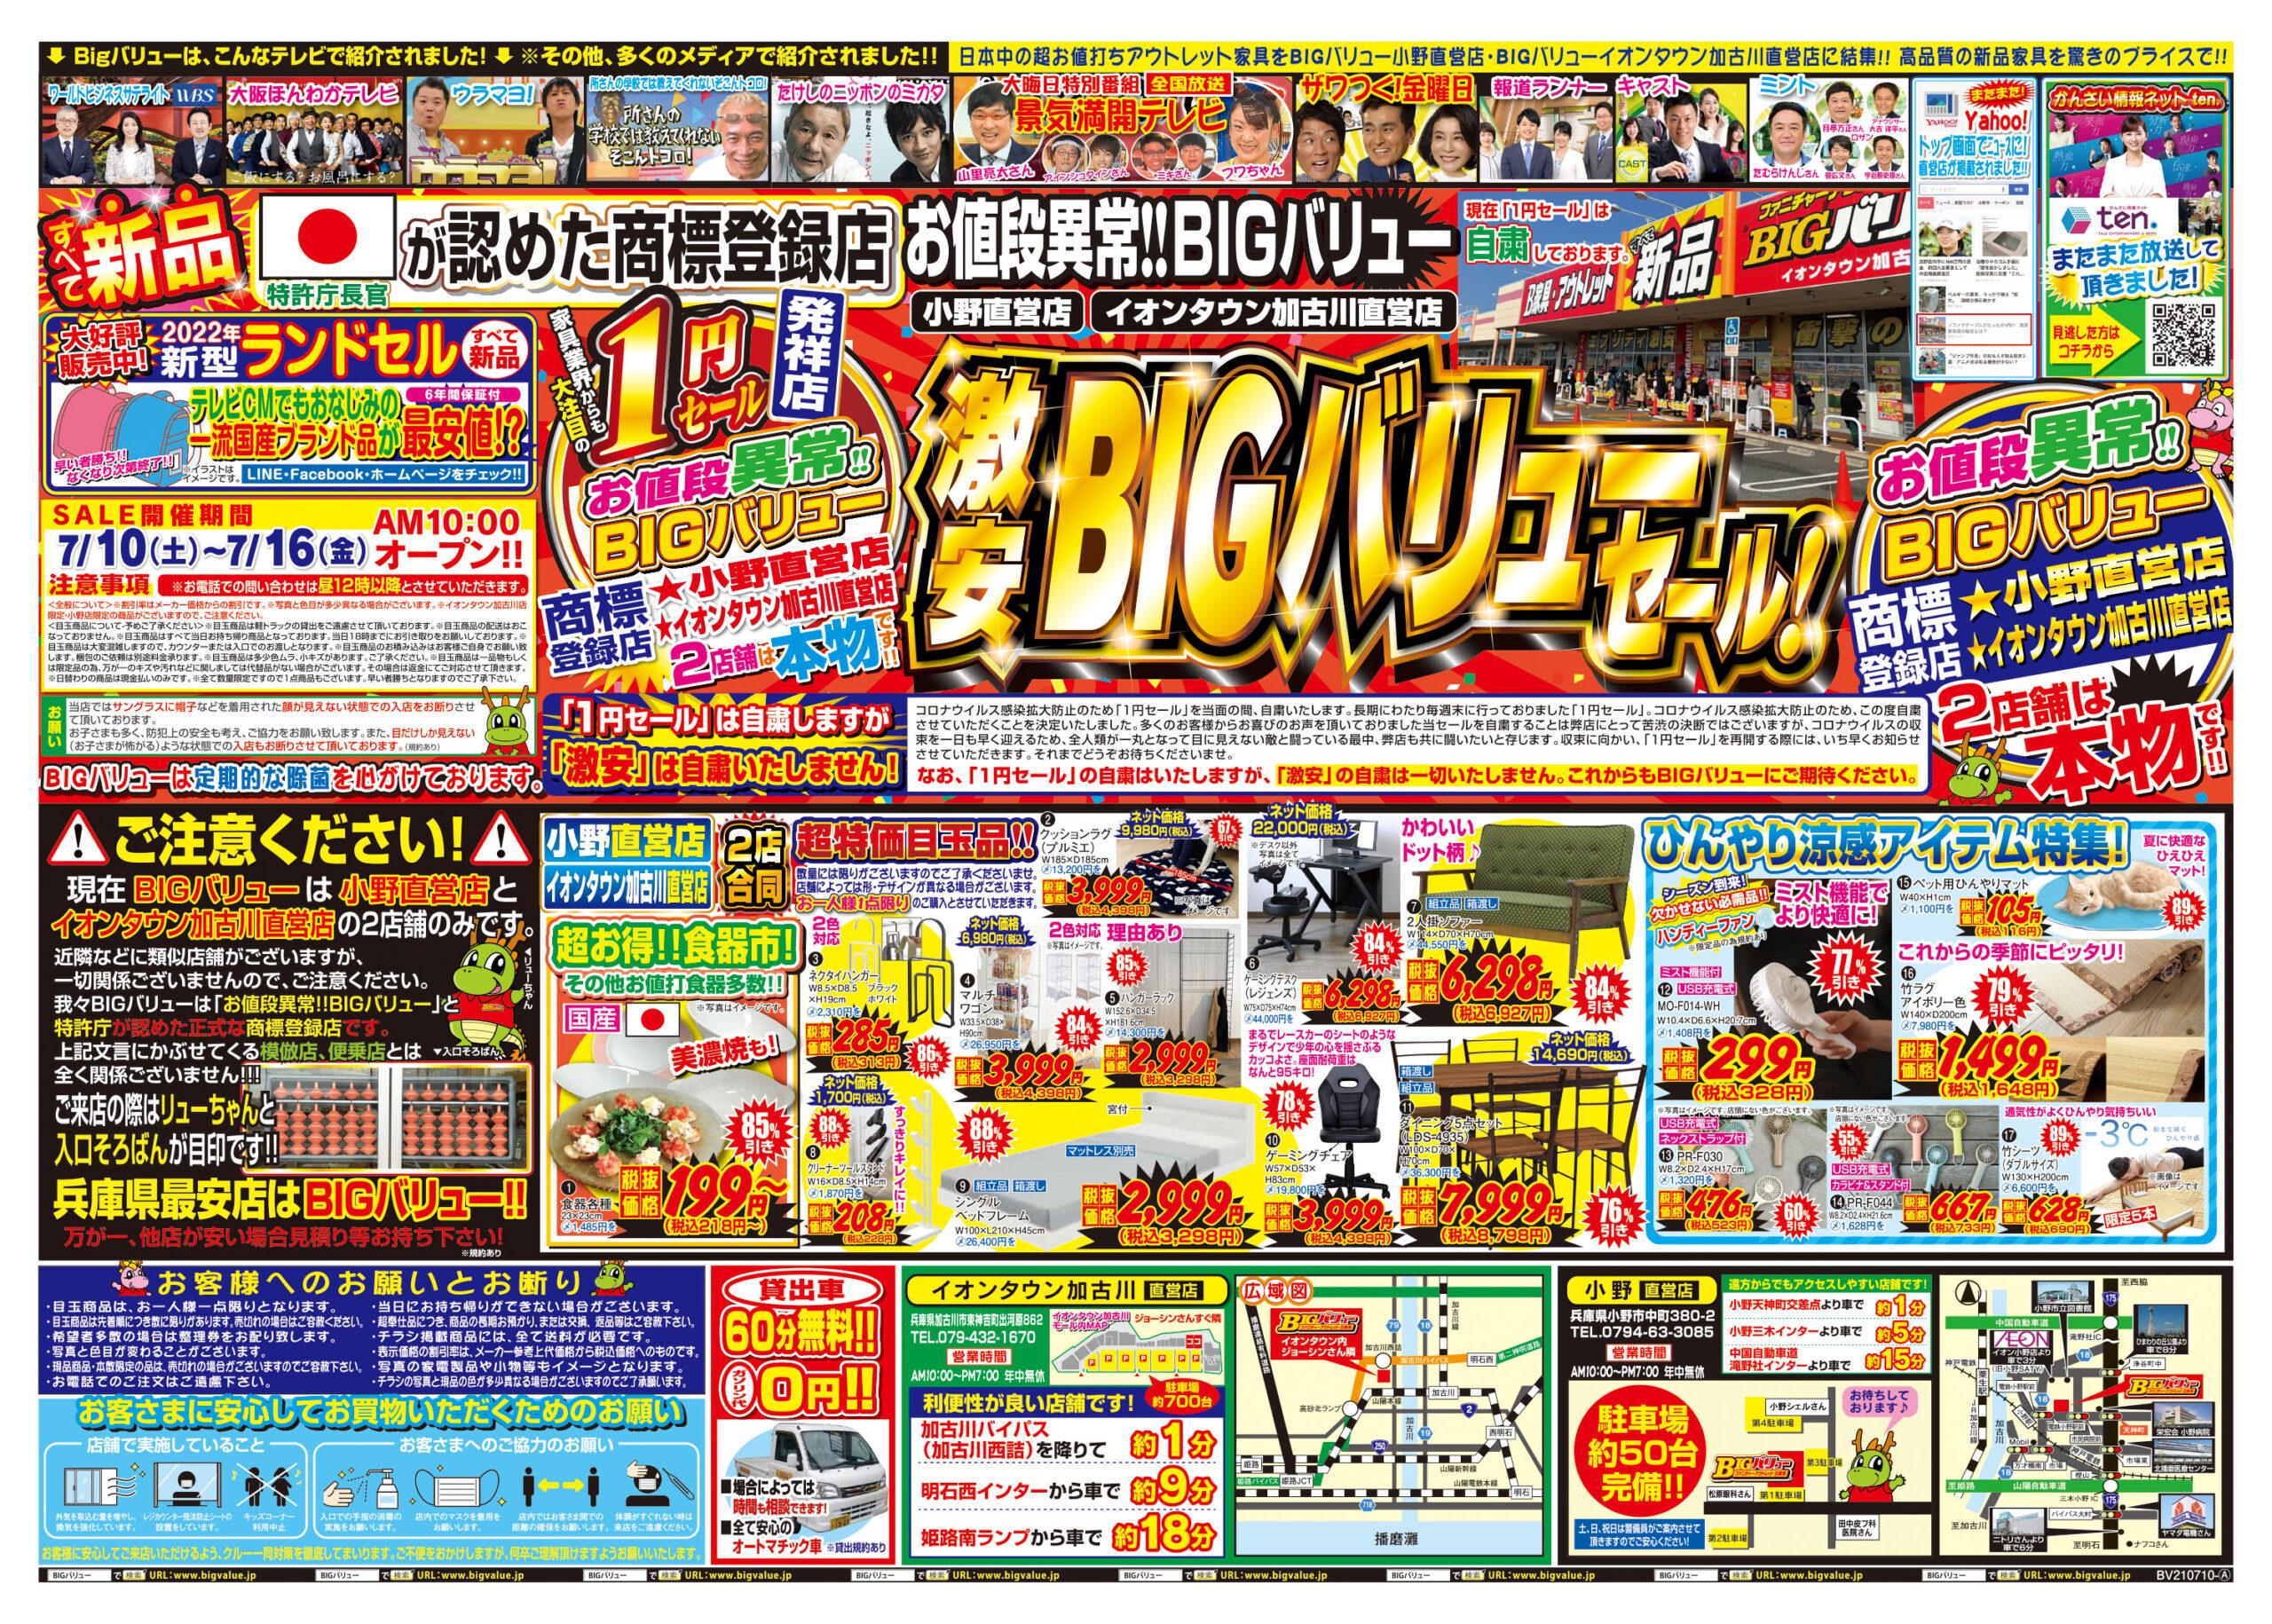 チラシ情報2021年7月10日~7月16日 小野店/イオンタウン加古川店